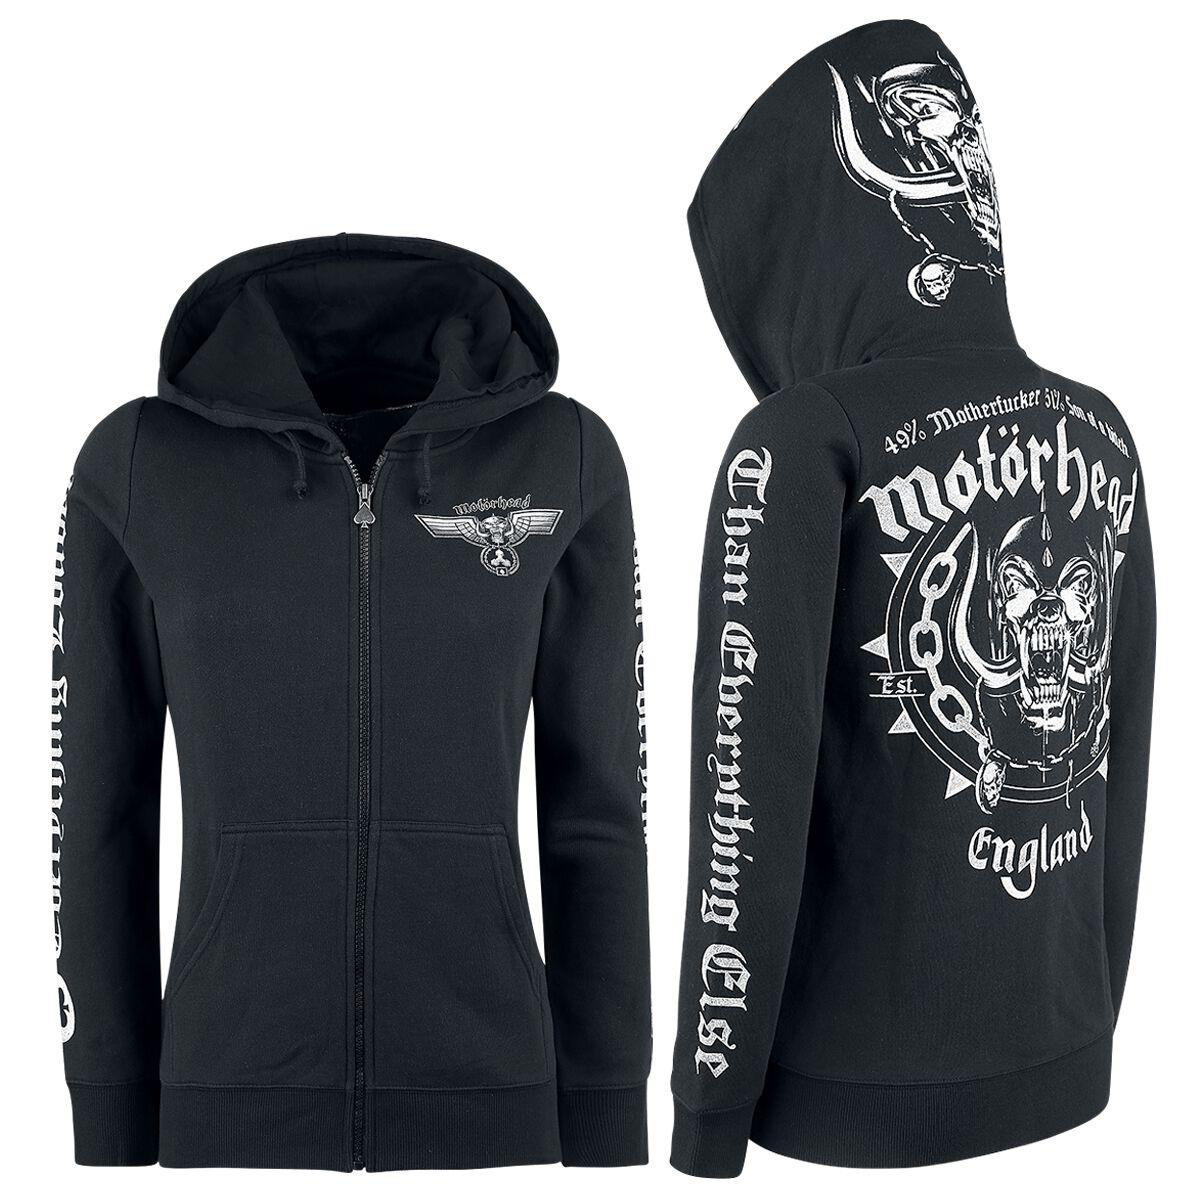 Image of   Motörhead England Girlie hættejakke sort